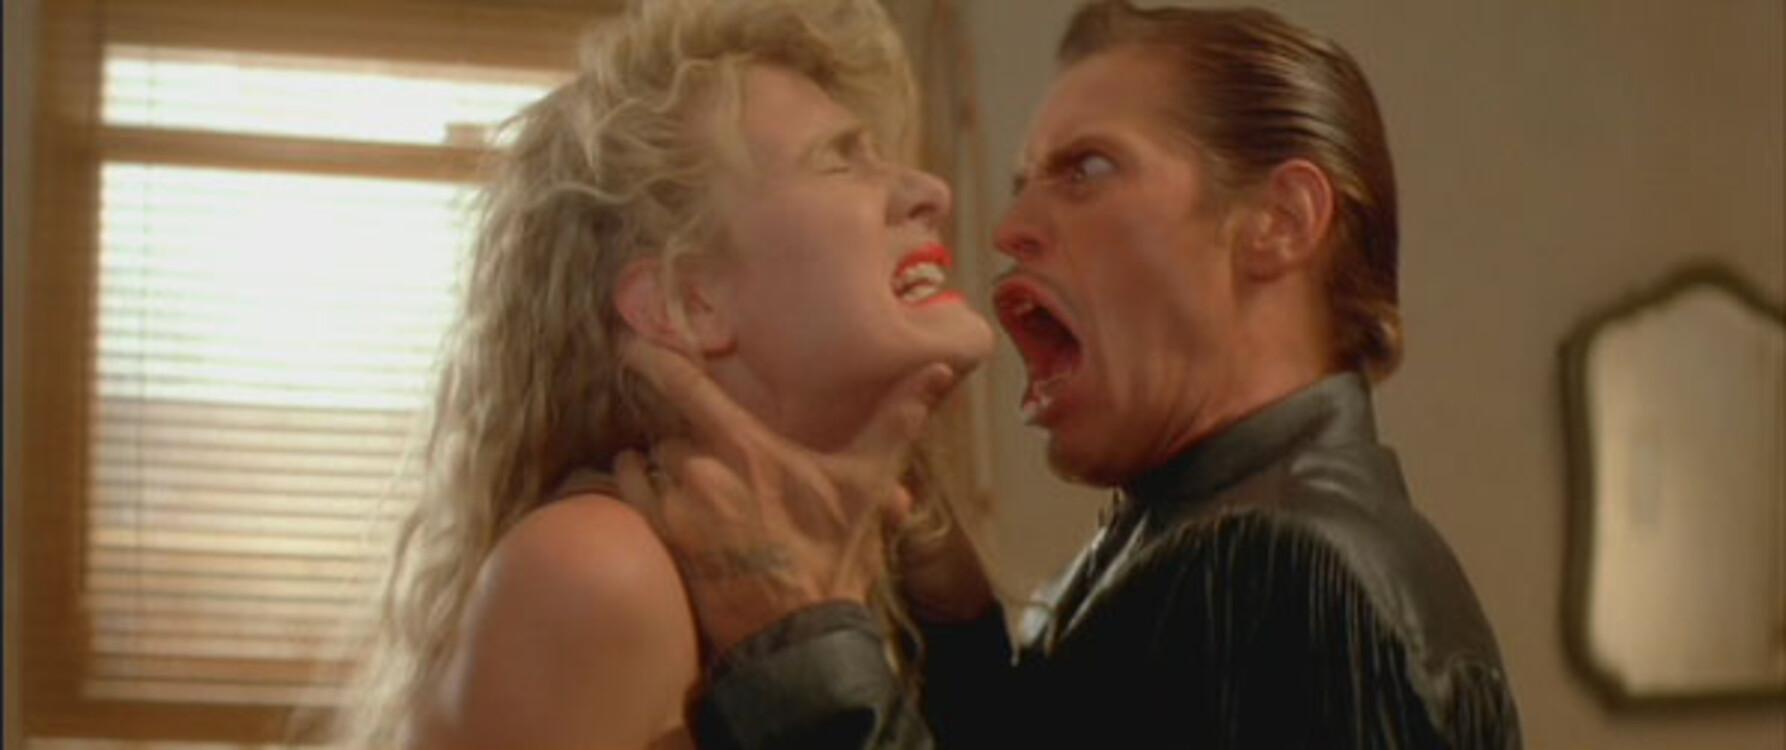 Лора Дерн і Віллем Дефо у фільмі «Дикі серцем», 1990